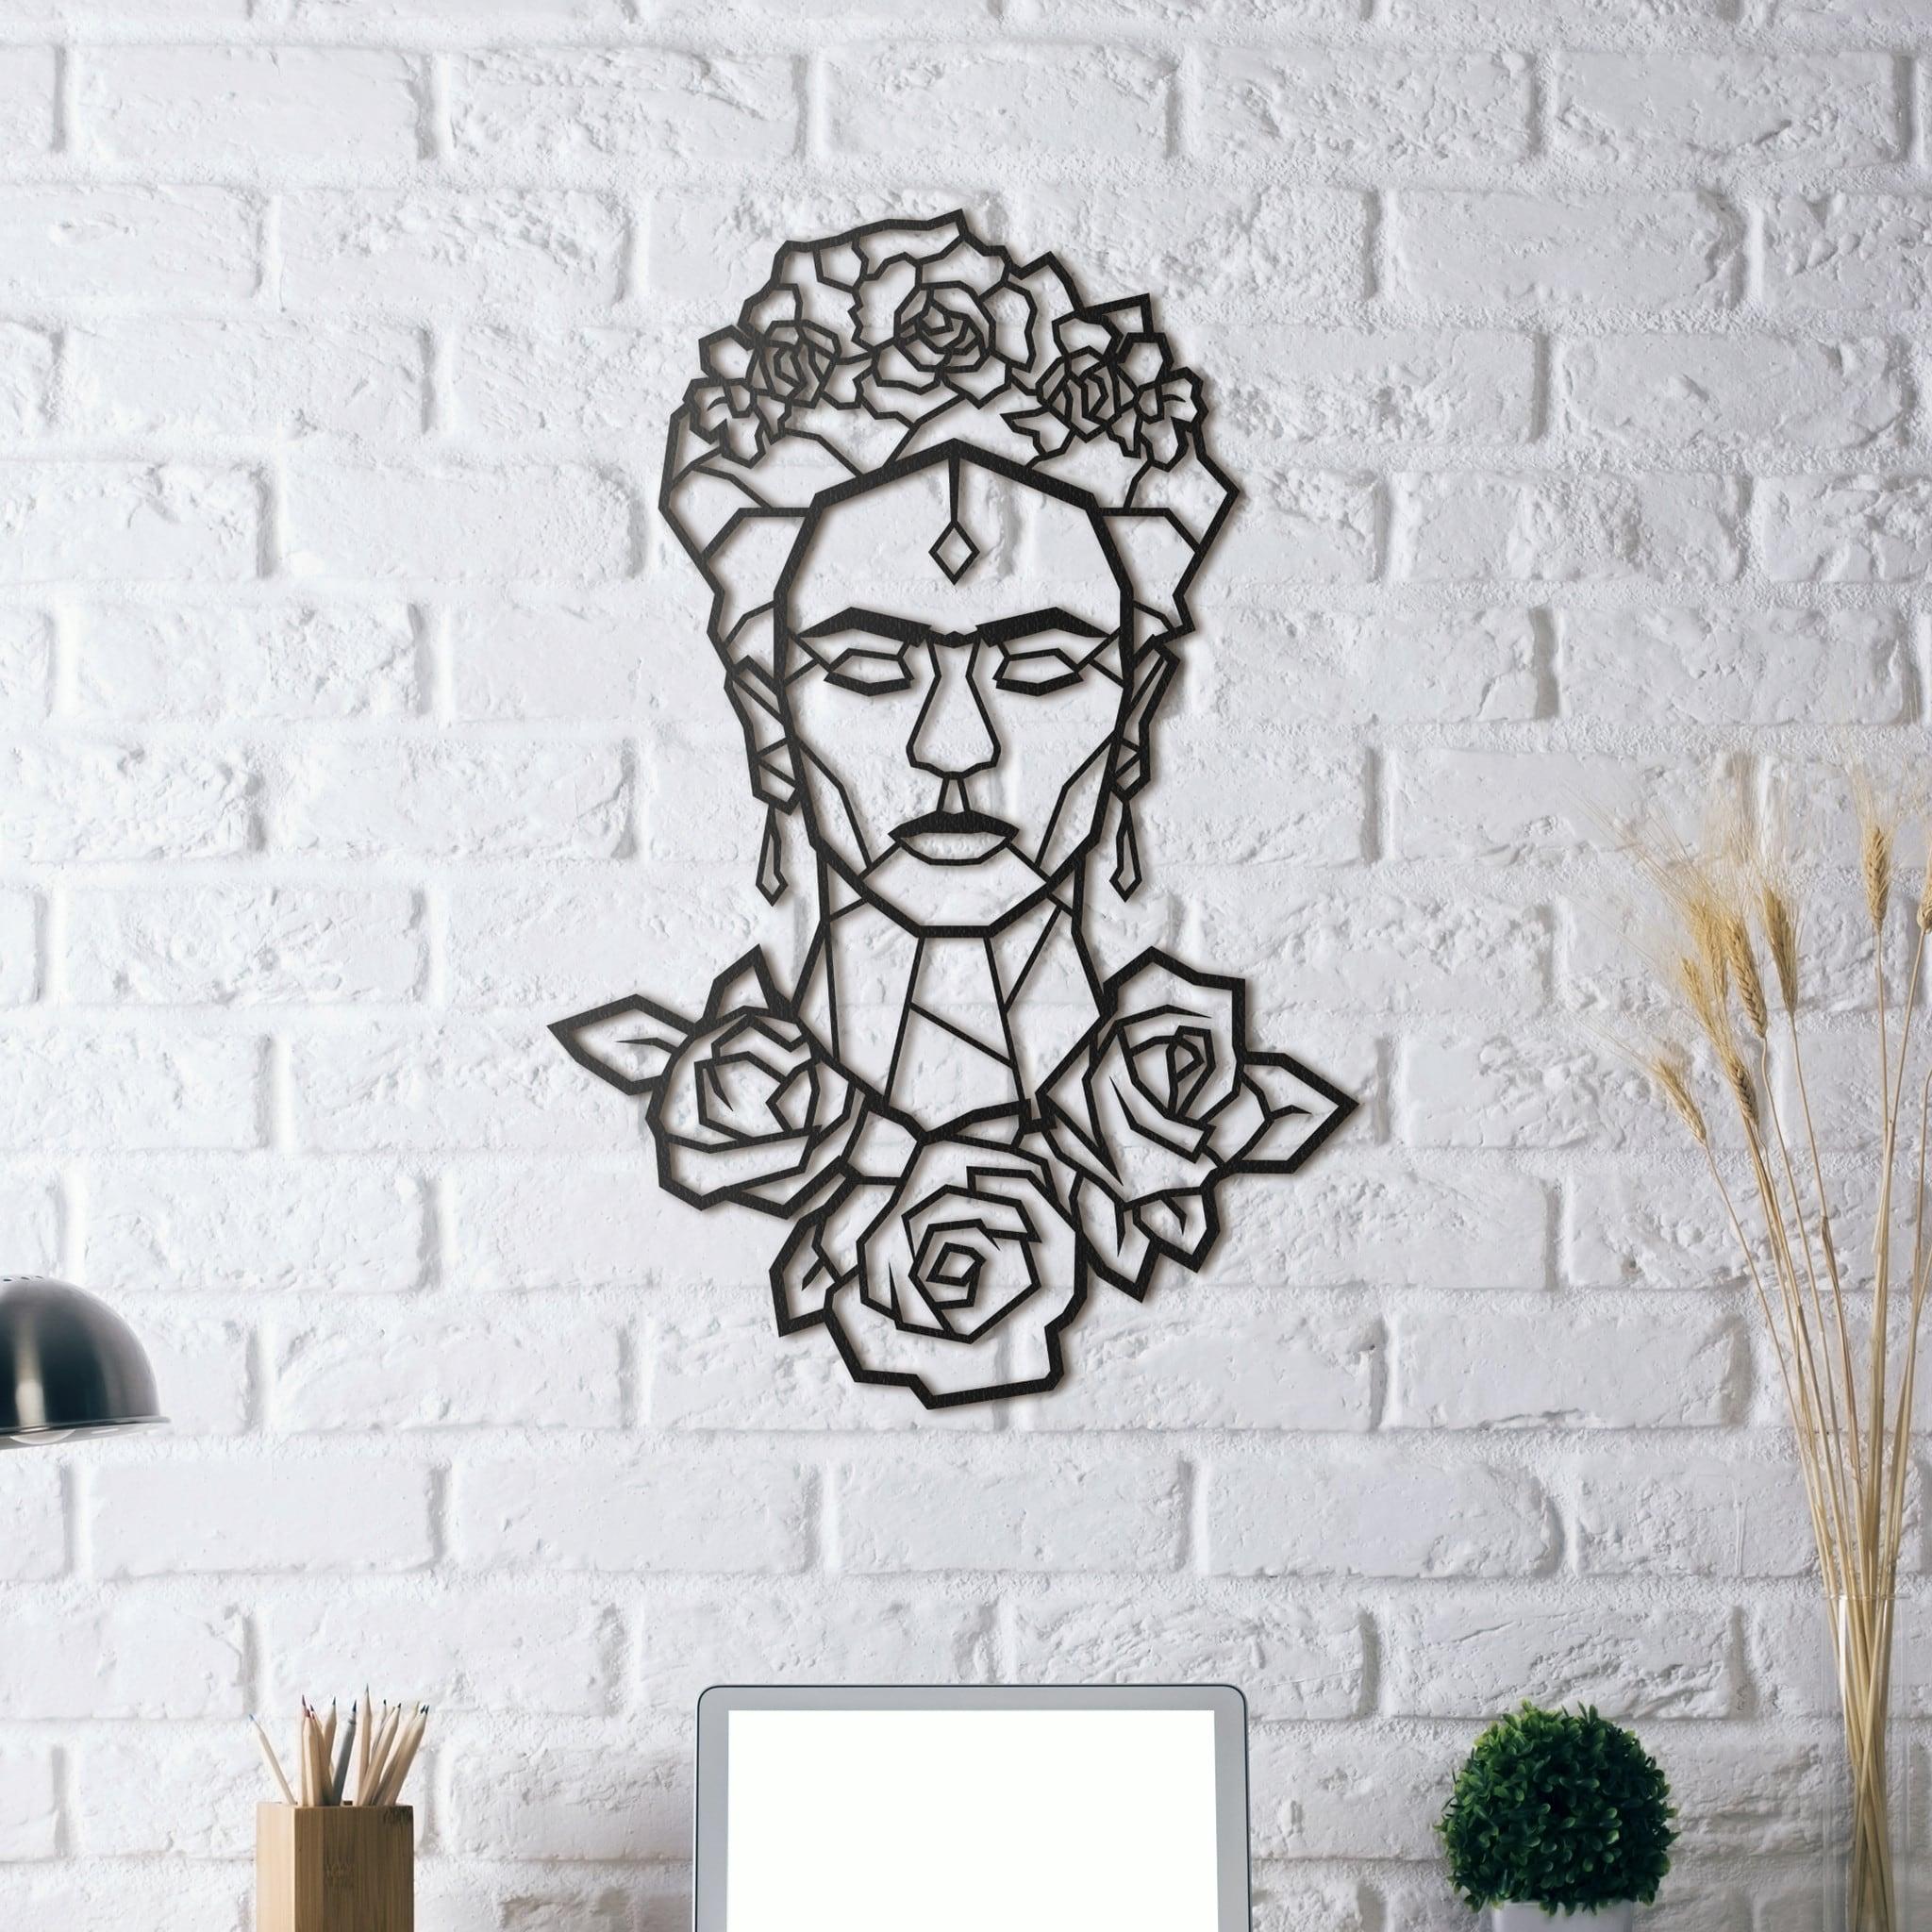 Décoration murale métallique design de l'artiste peintre Frida Kahlo